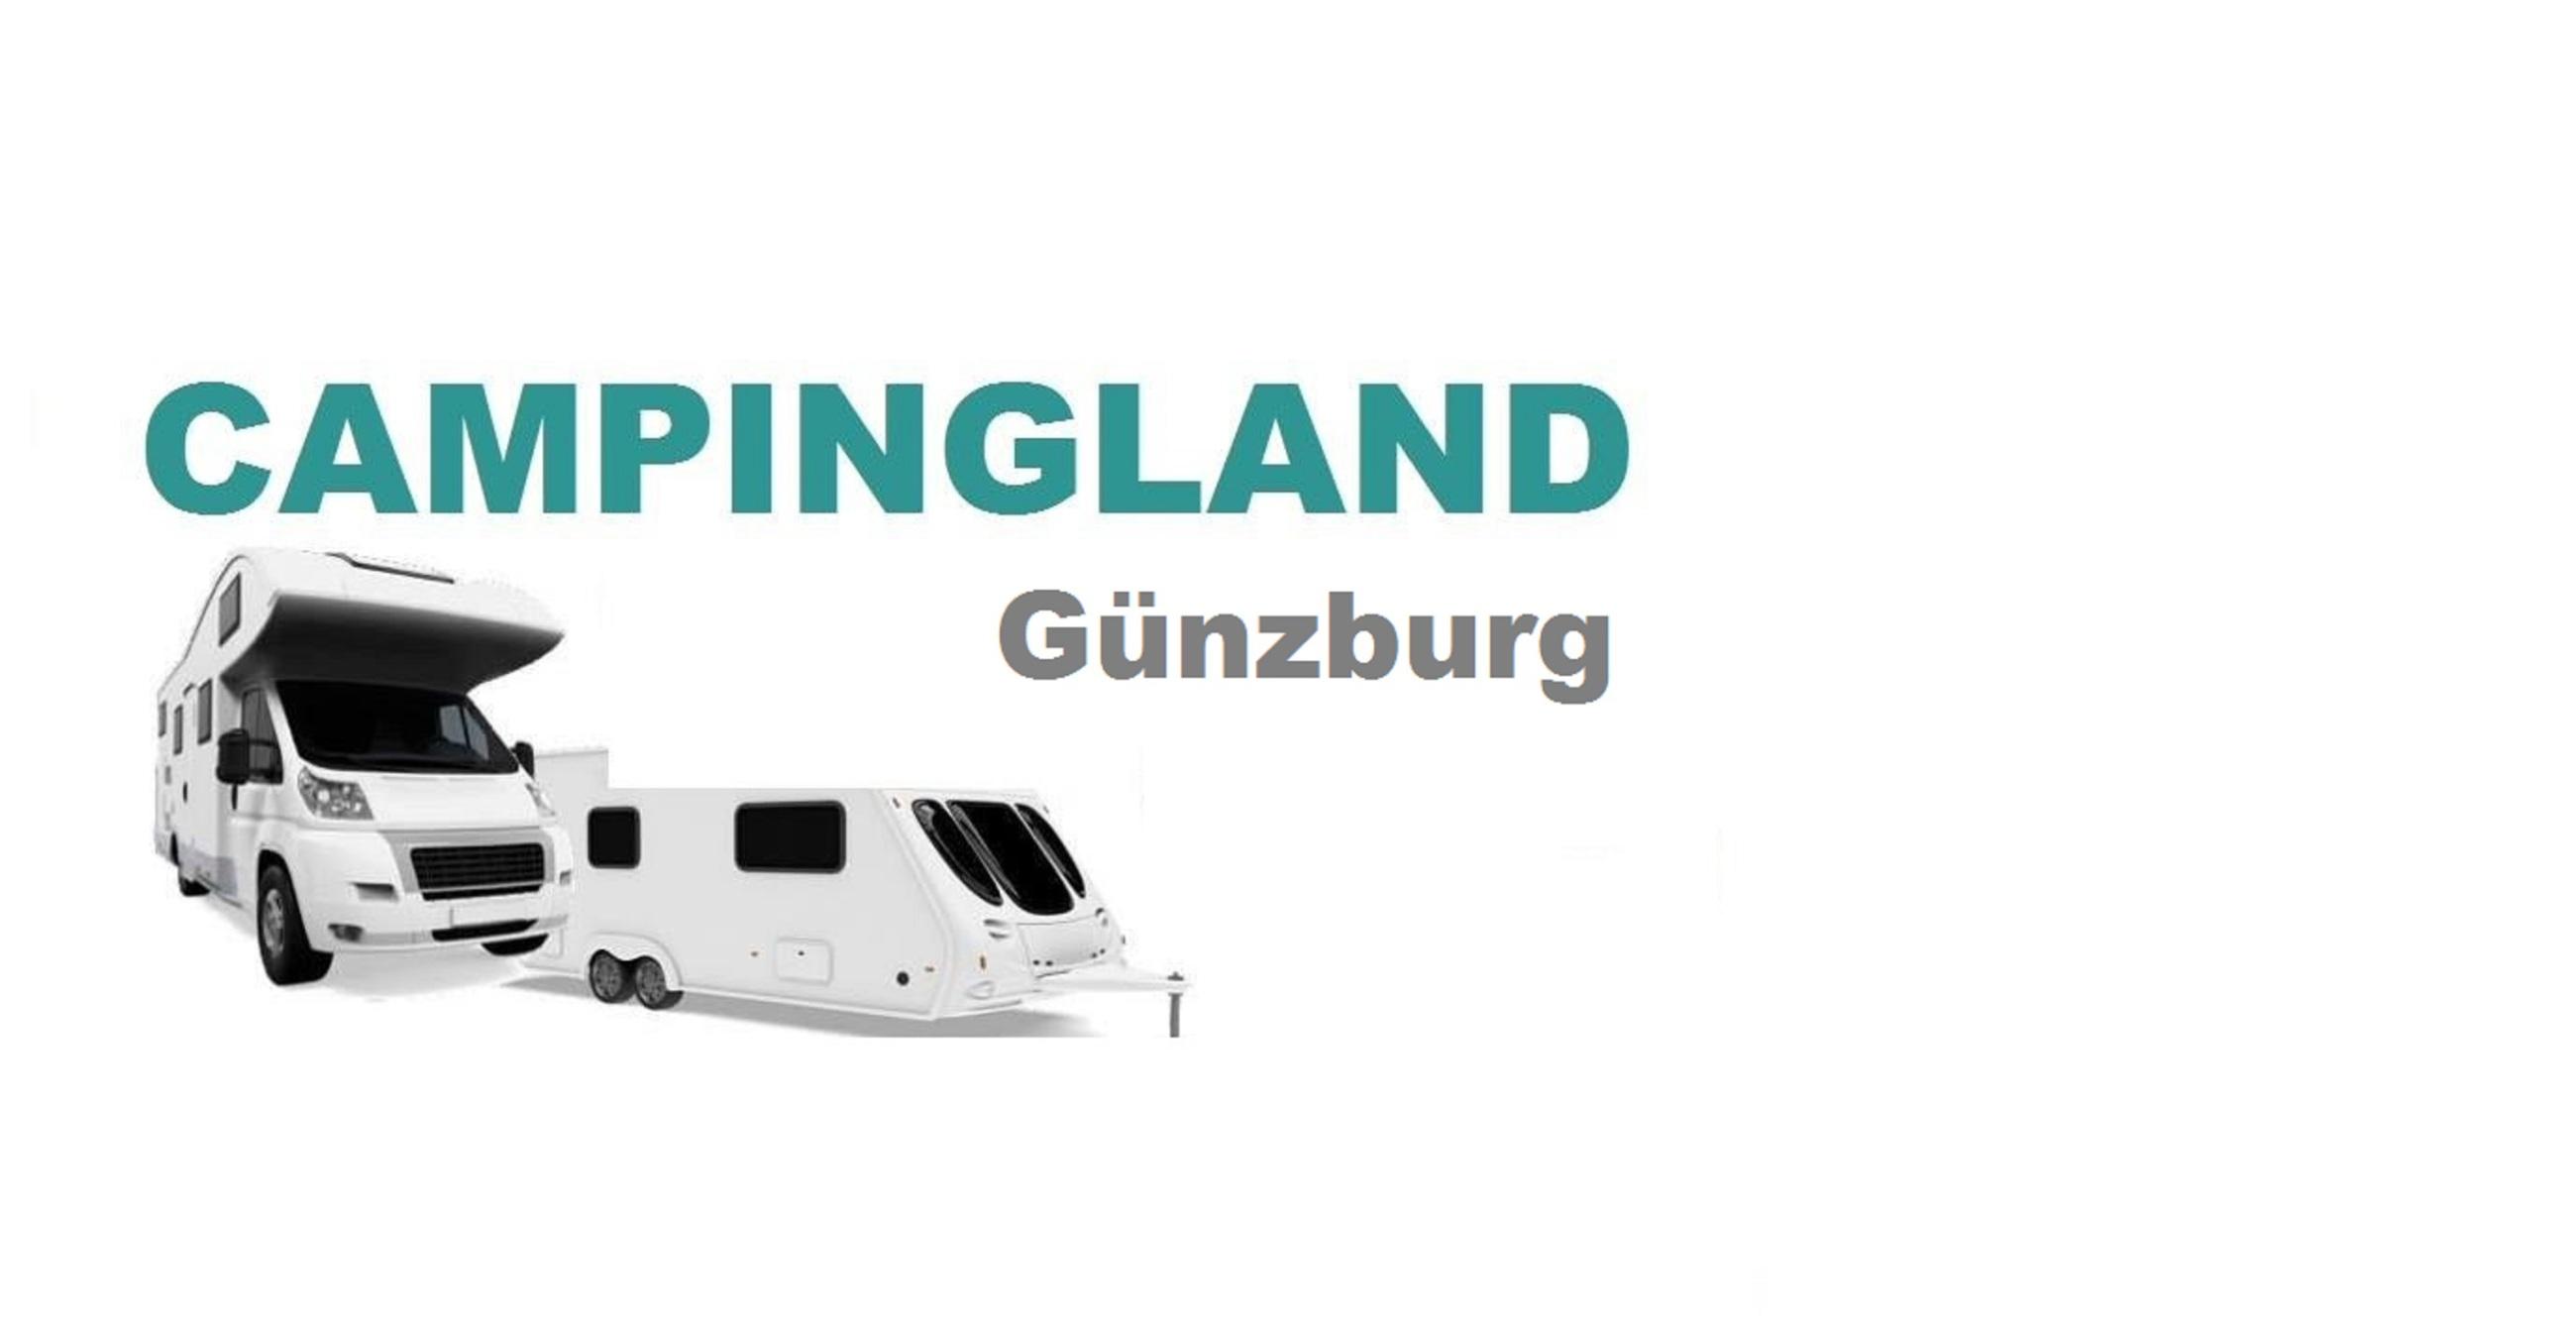 campingland g nzburg wasser sanit r. Black Bedroom Furniture Sets. Home Design Ideas